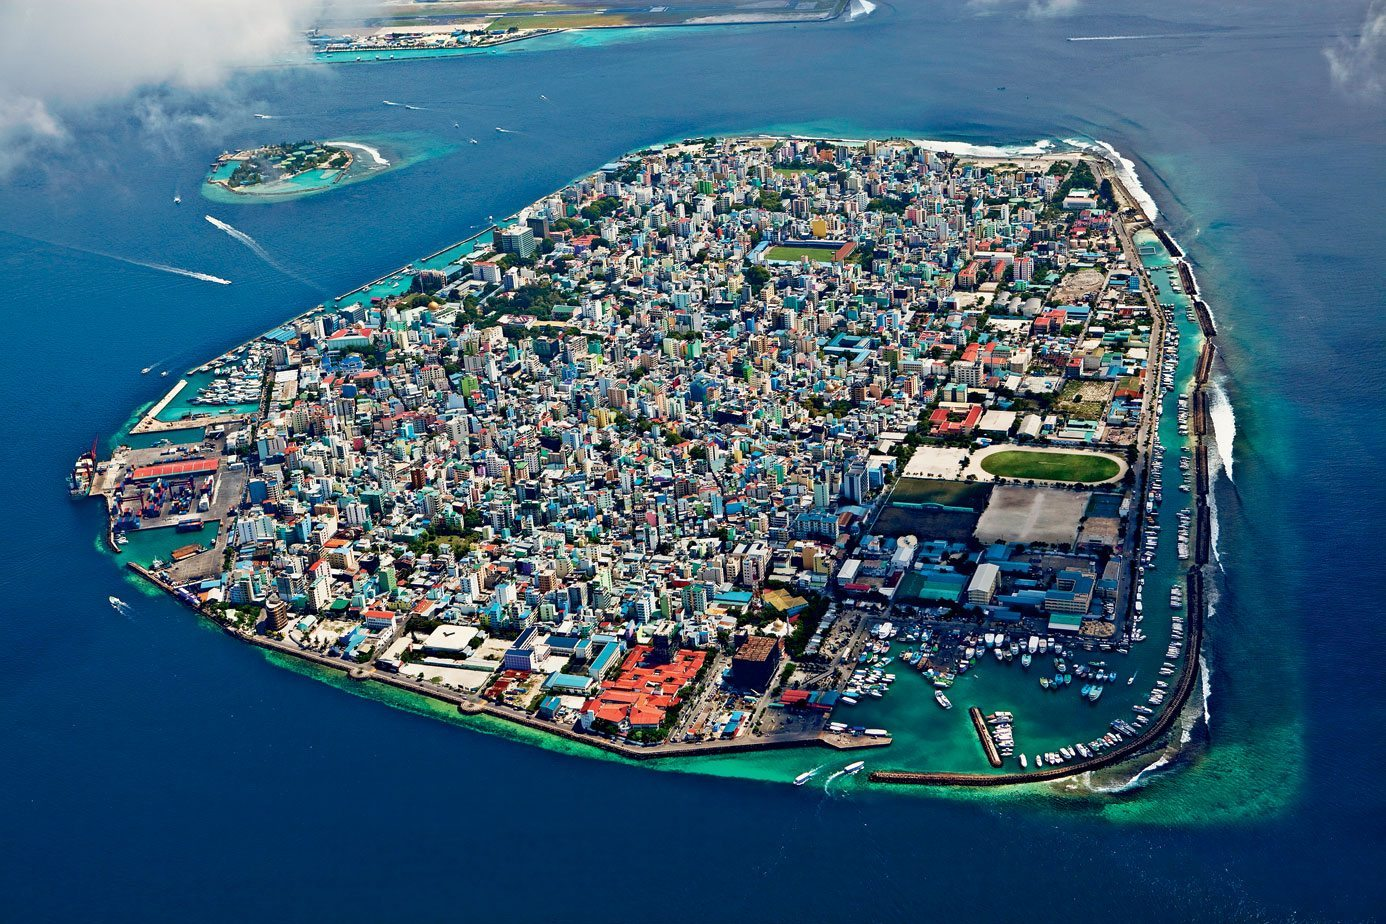 ماليه عاصمة جزر المالديف